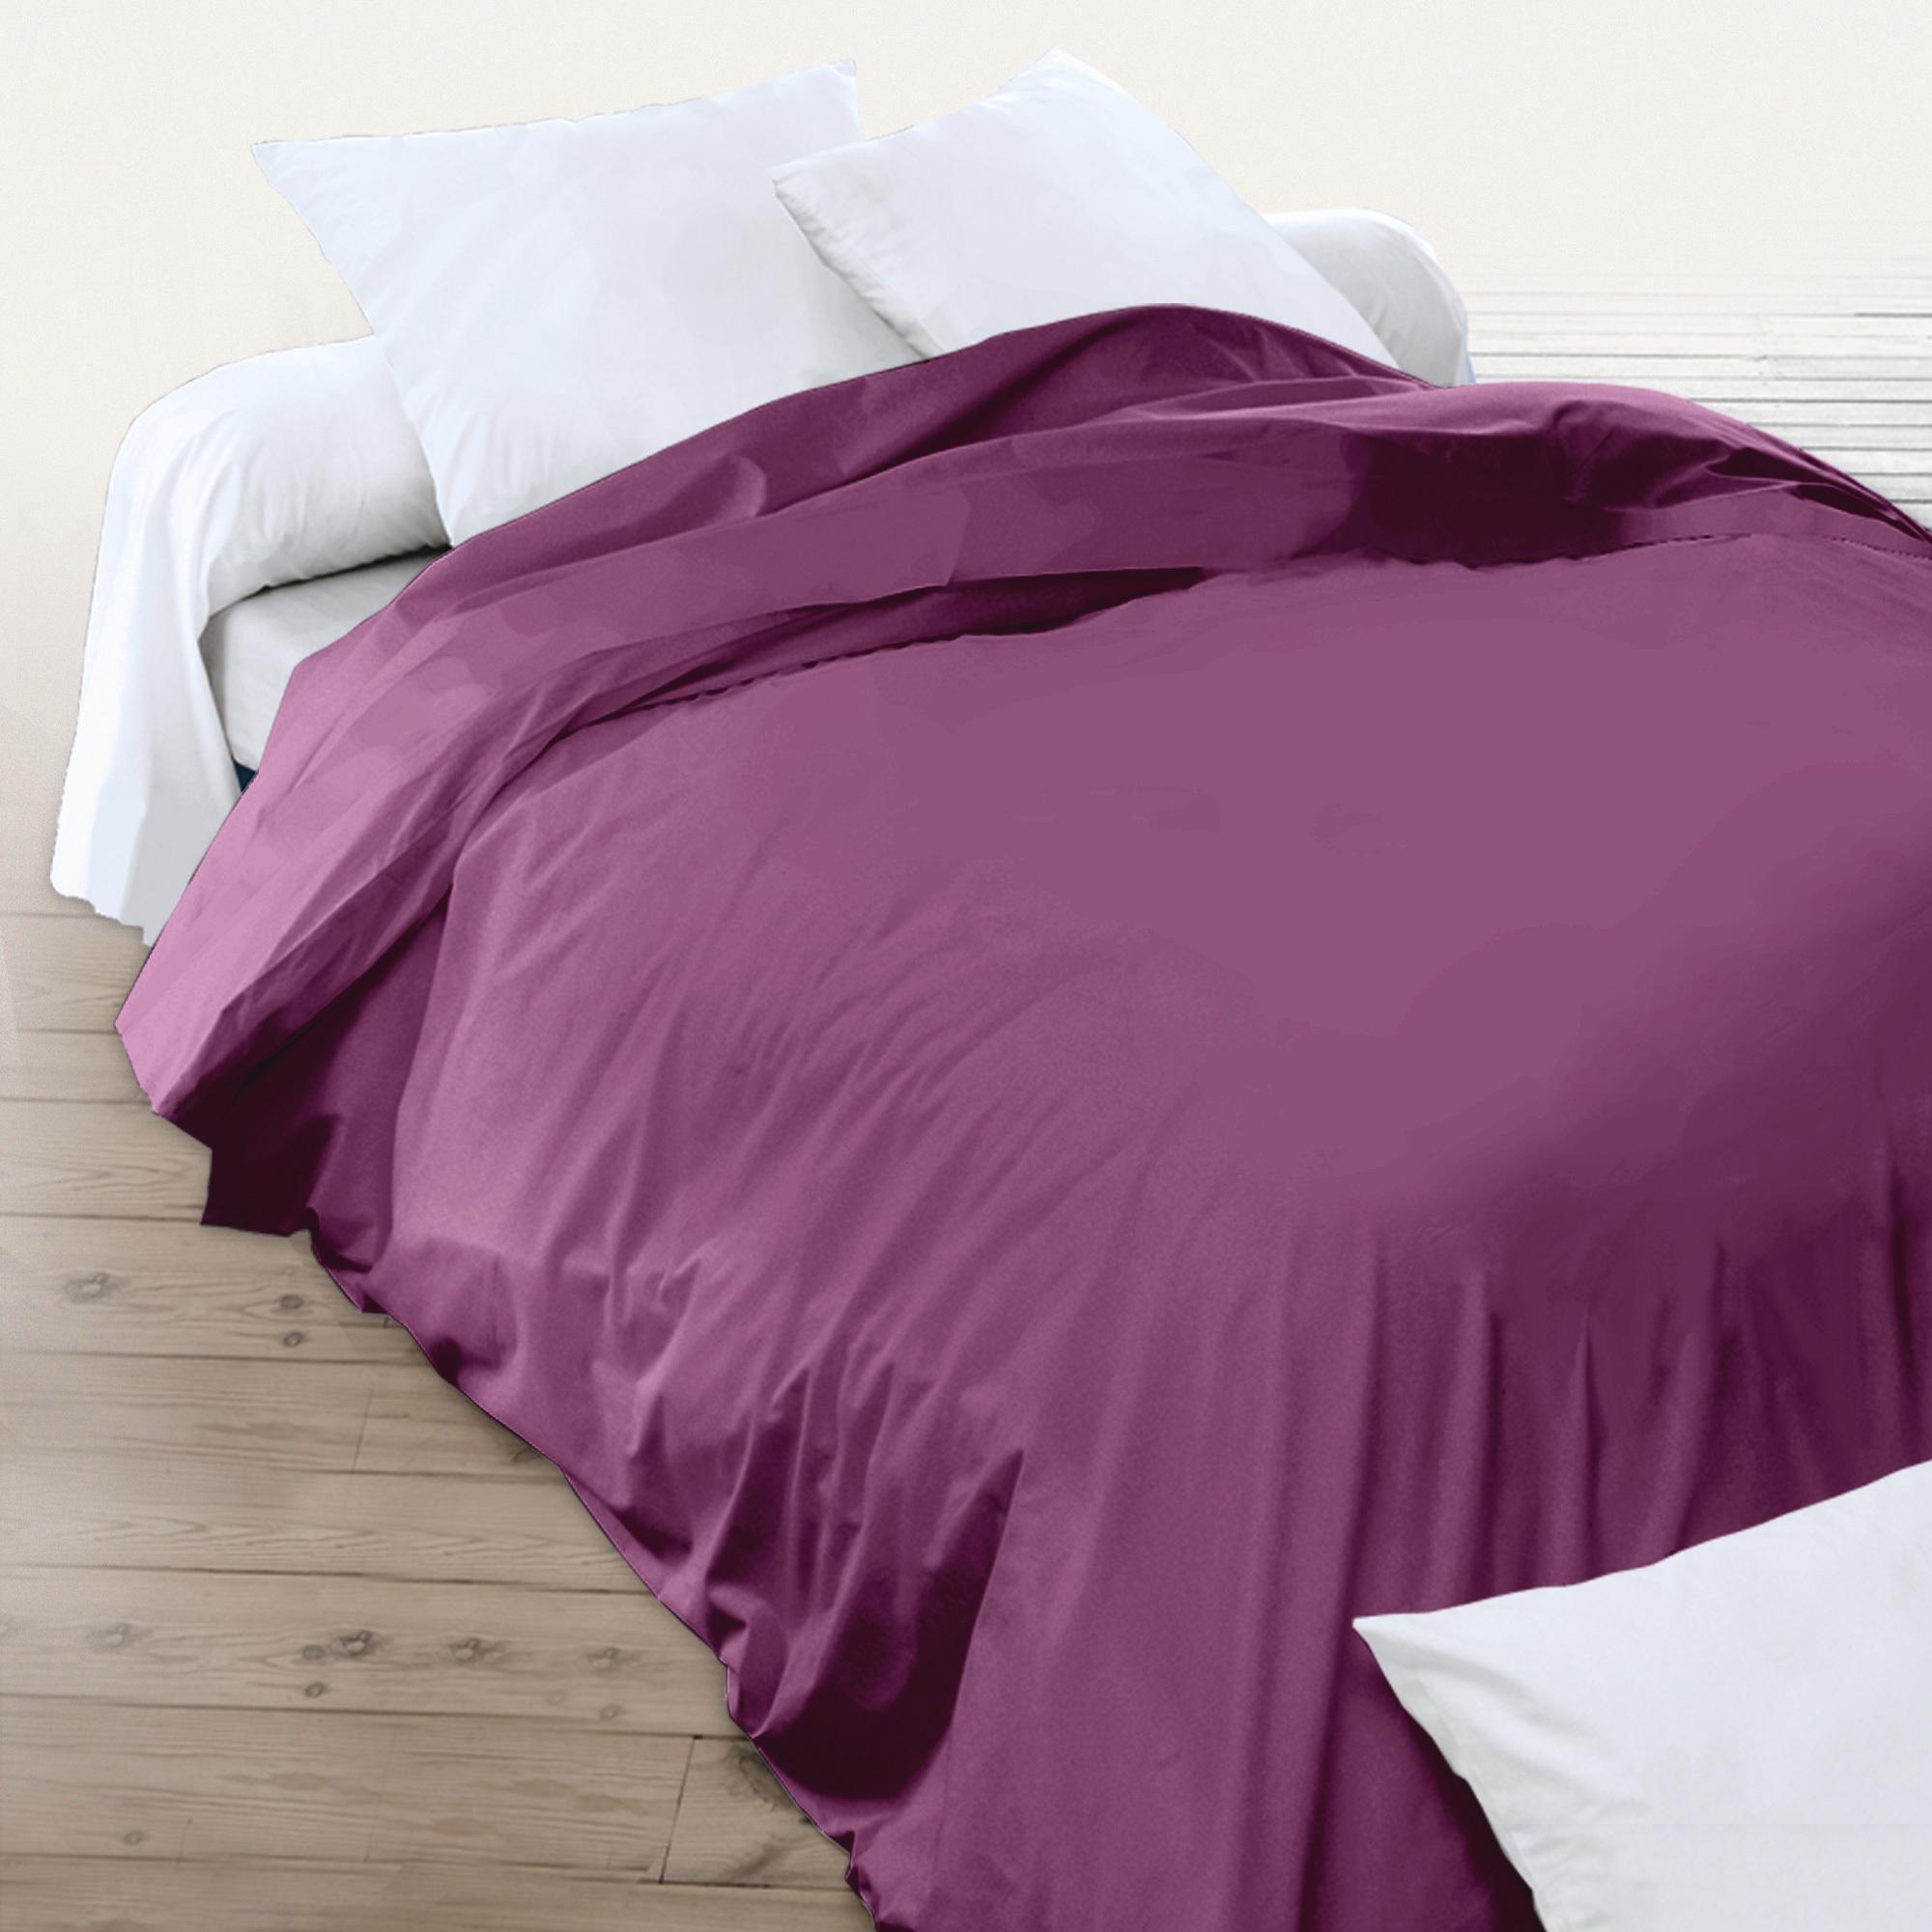 housse de couette 240x220cm uni pur coton alto violet. Black Bedroom Furniture Sets. Home Design Ideas